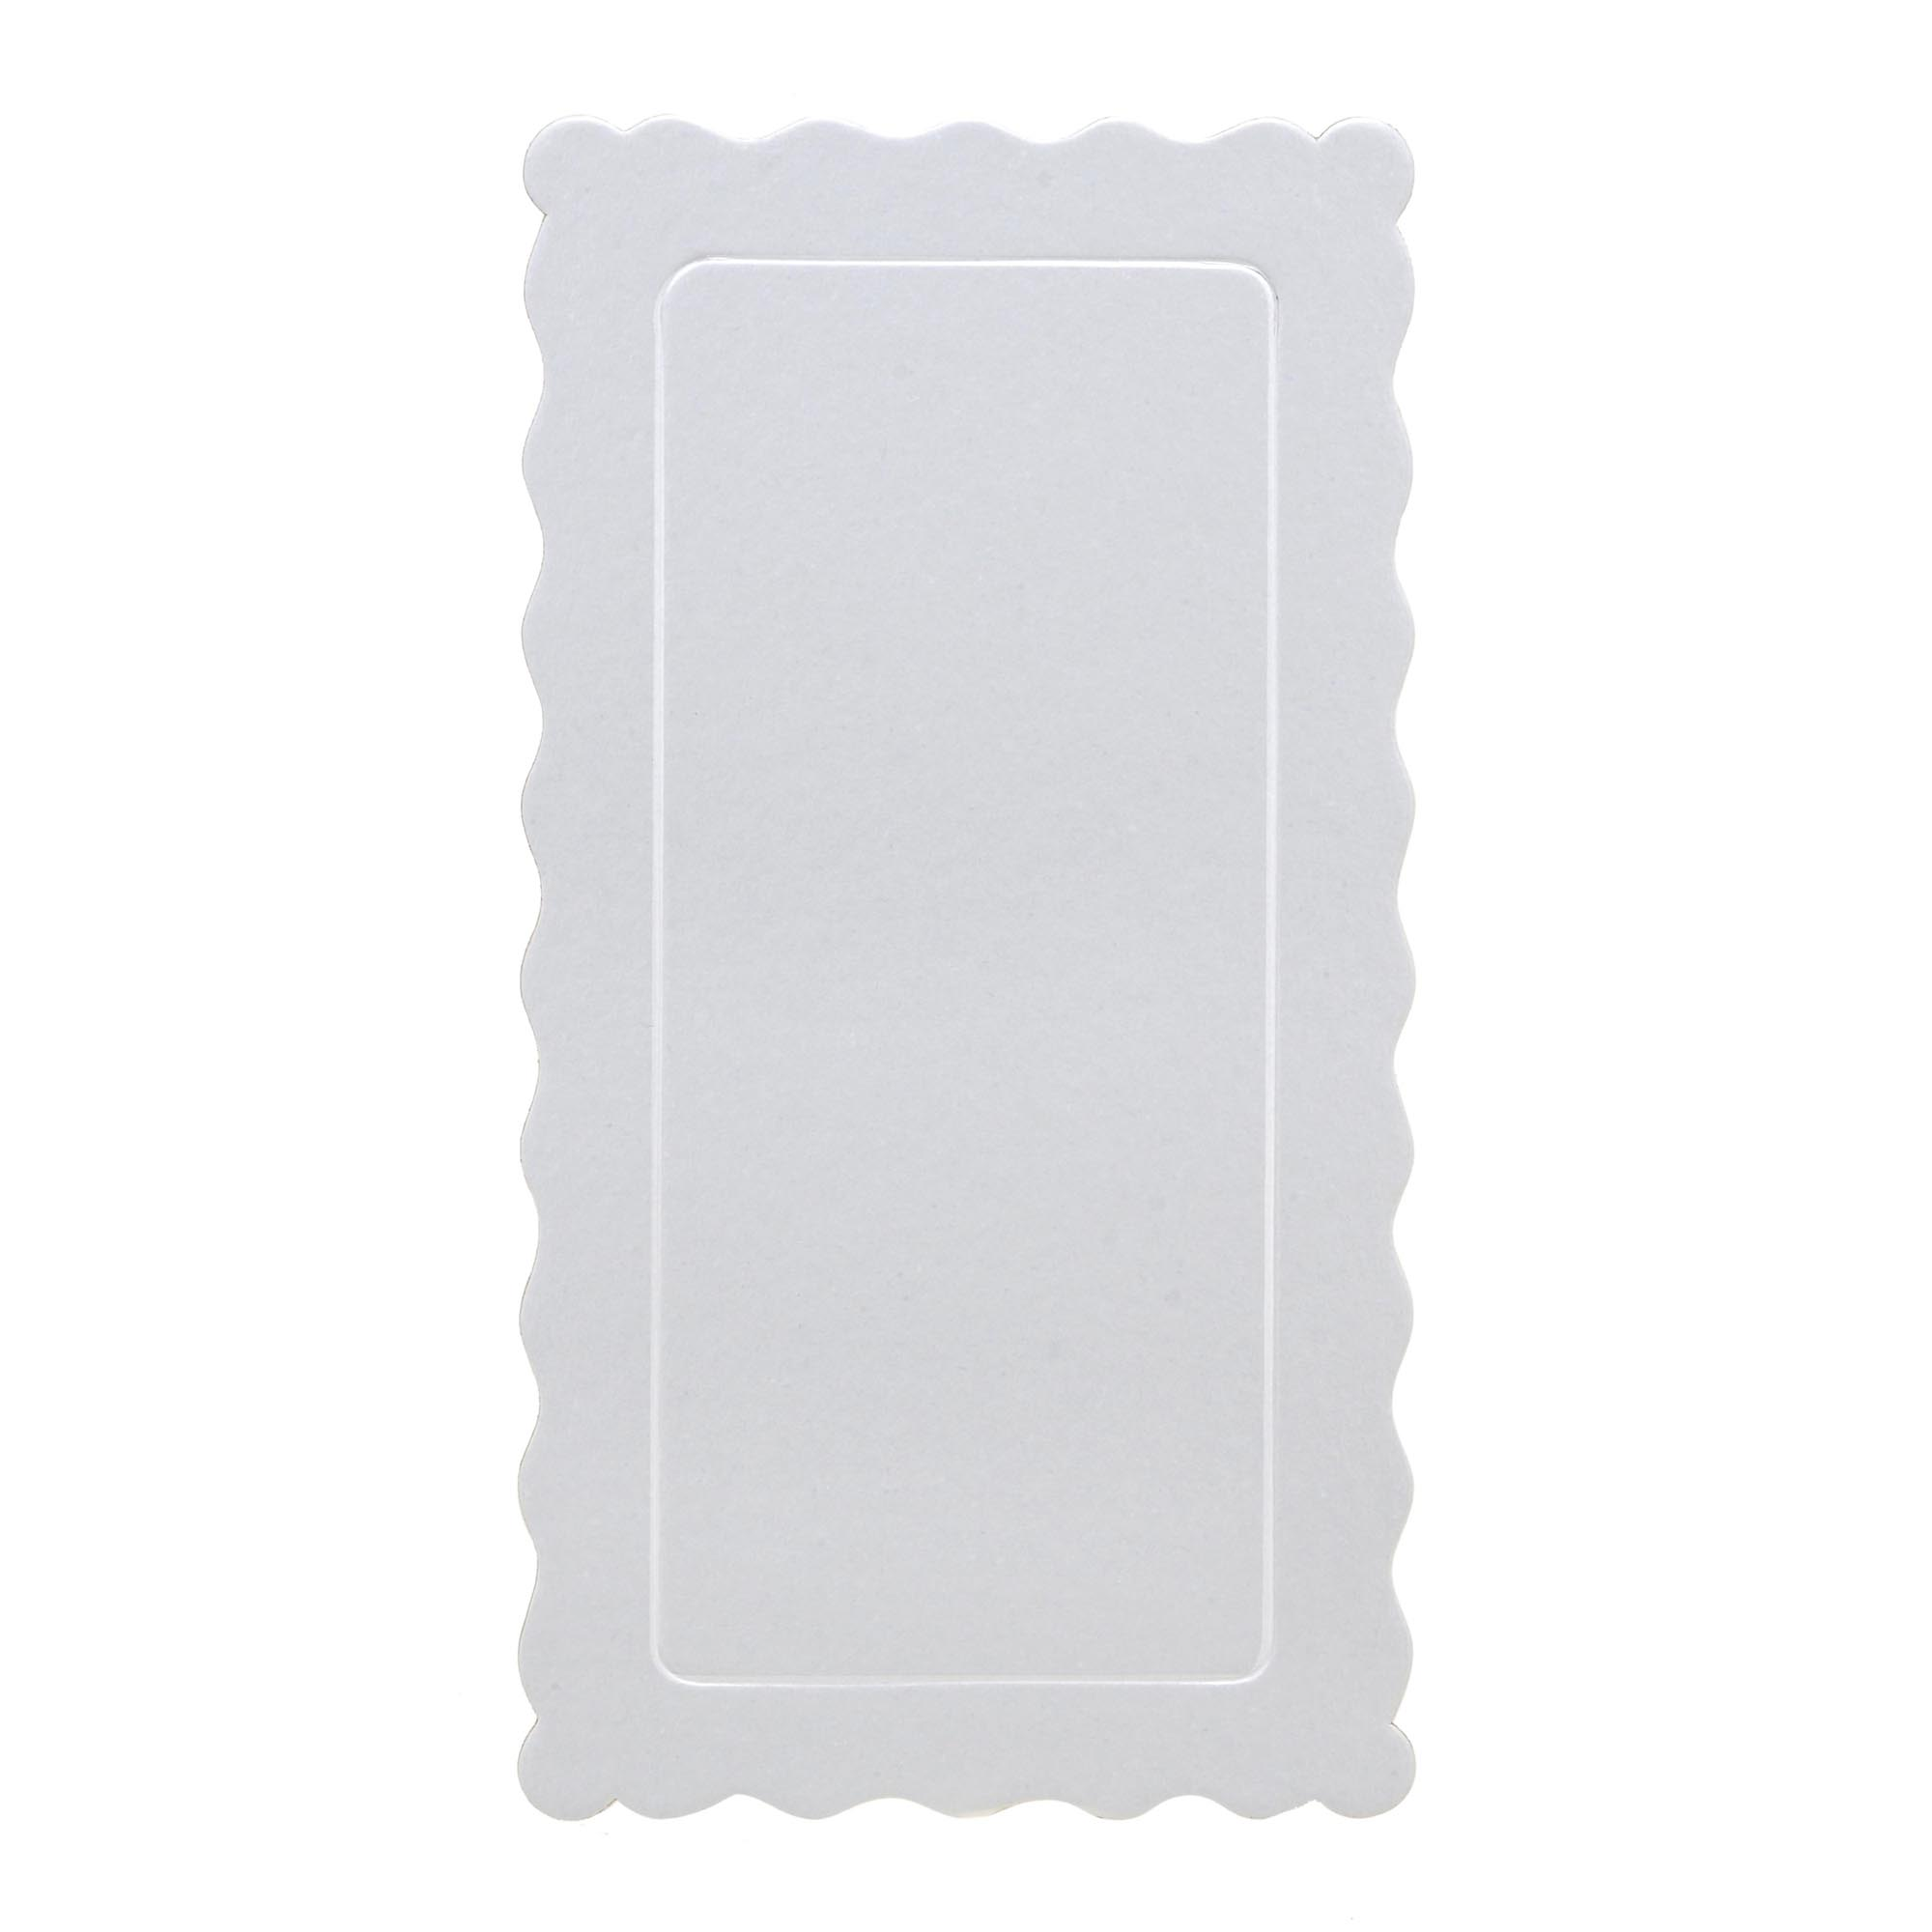 100 Bases Laminadas, Suporte P/ Bolo, Cake Board, 29x15cm - Branca